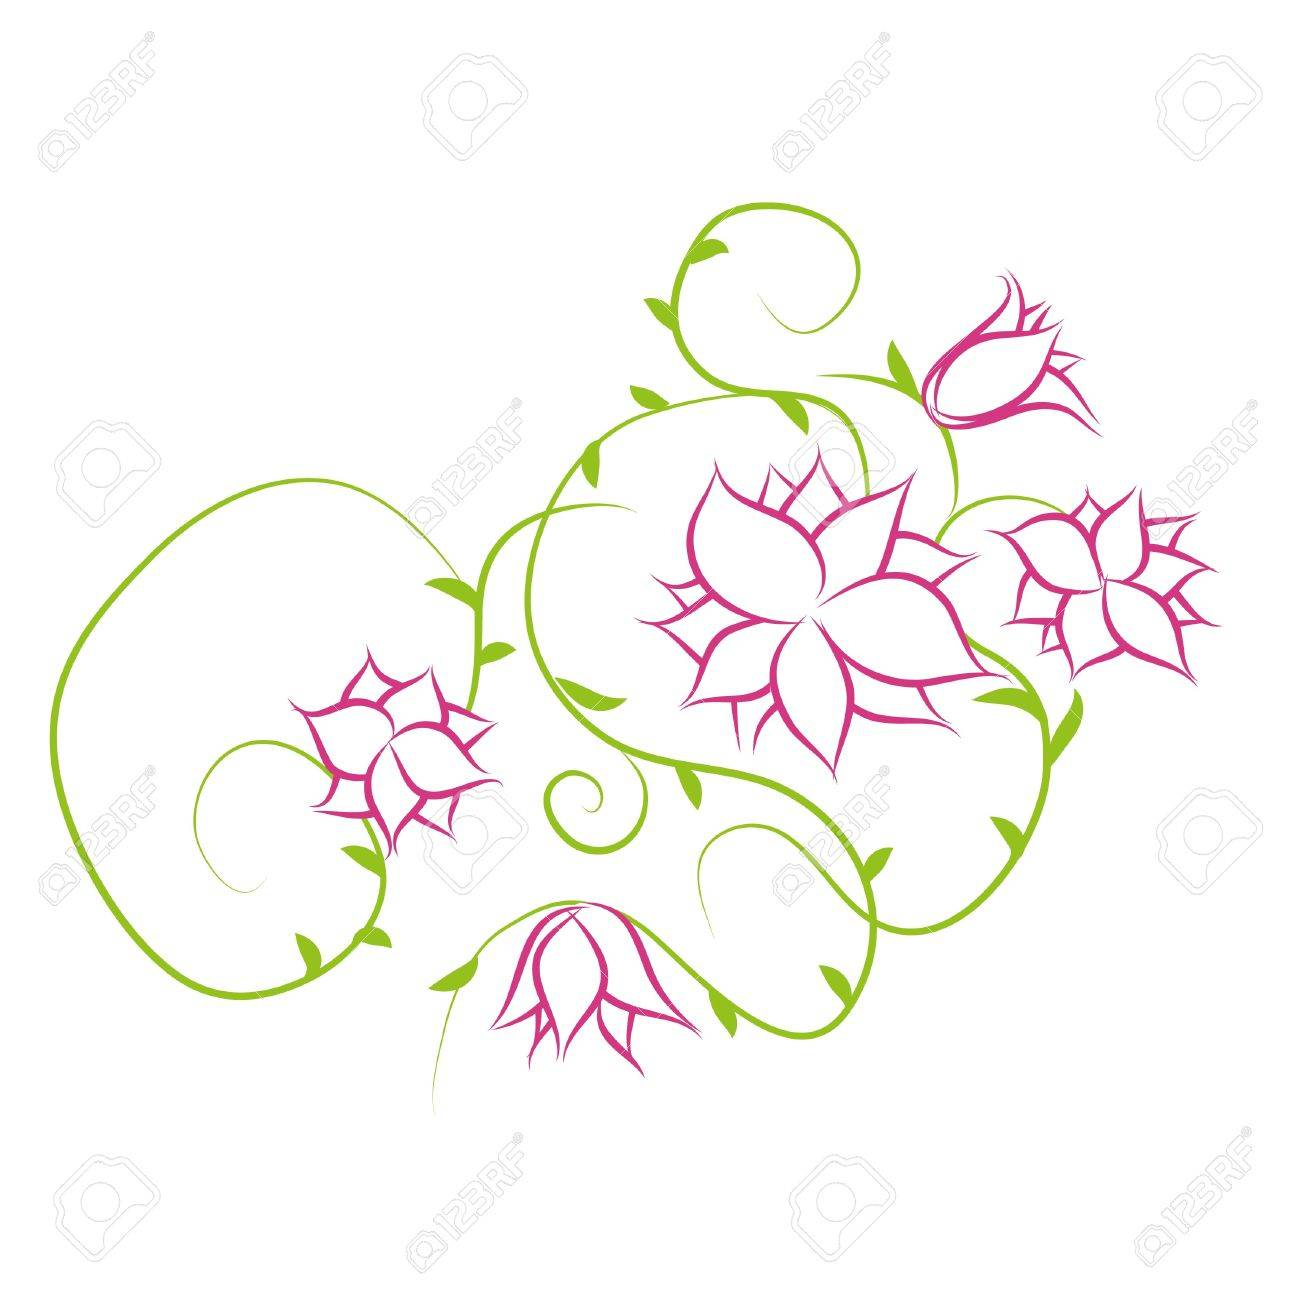 Beautiful flowers on white background (illustration) - 7793002